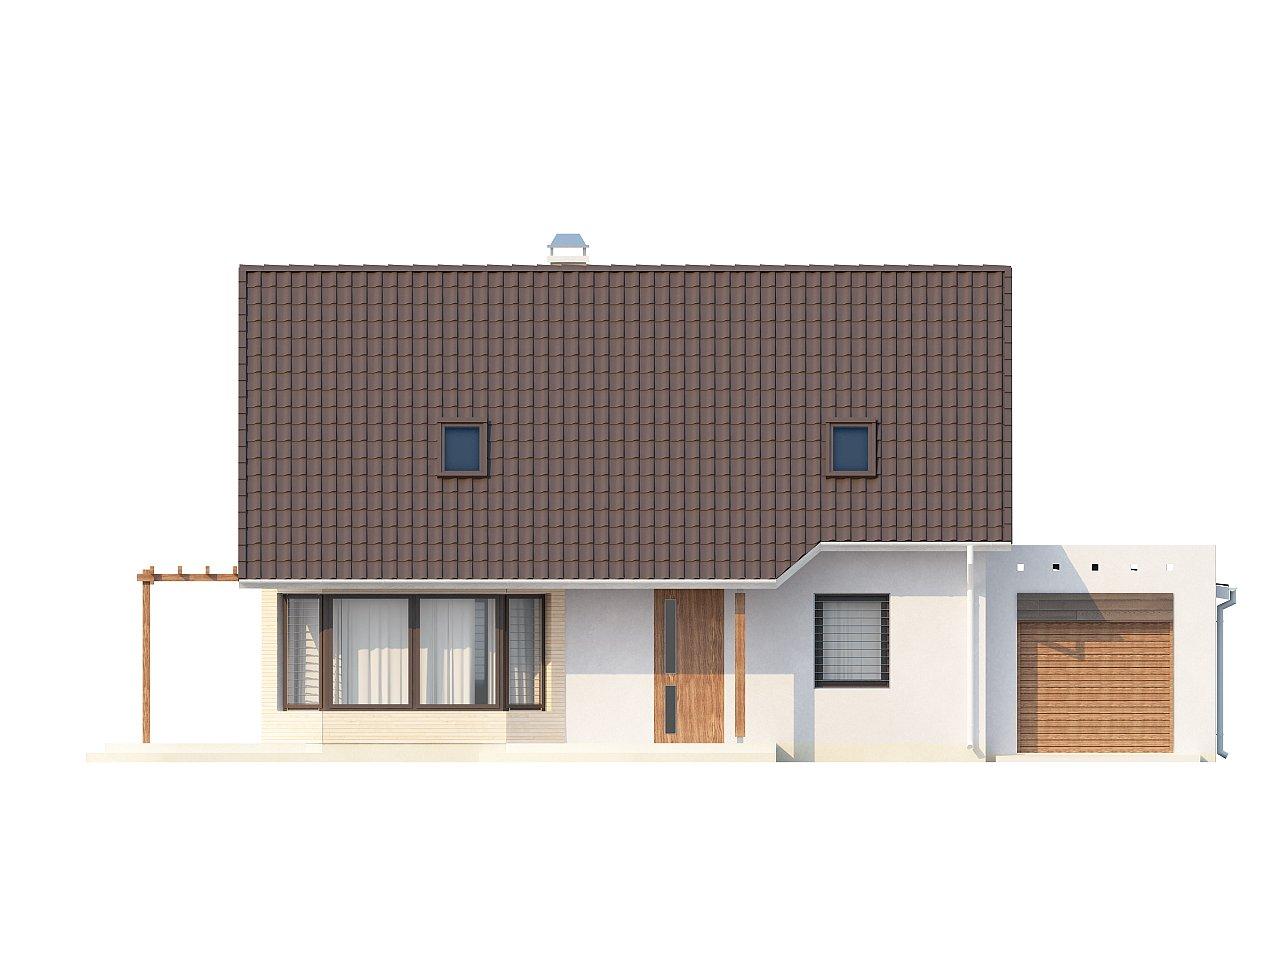 Проект дома с гостиной со стороны входа, боковой террасой и дополнительной спальней на первом этаже. 3